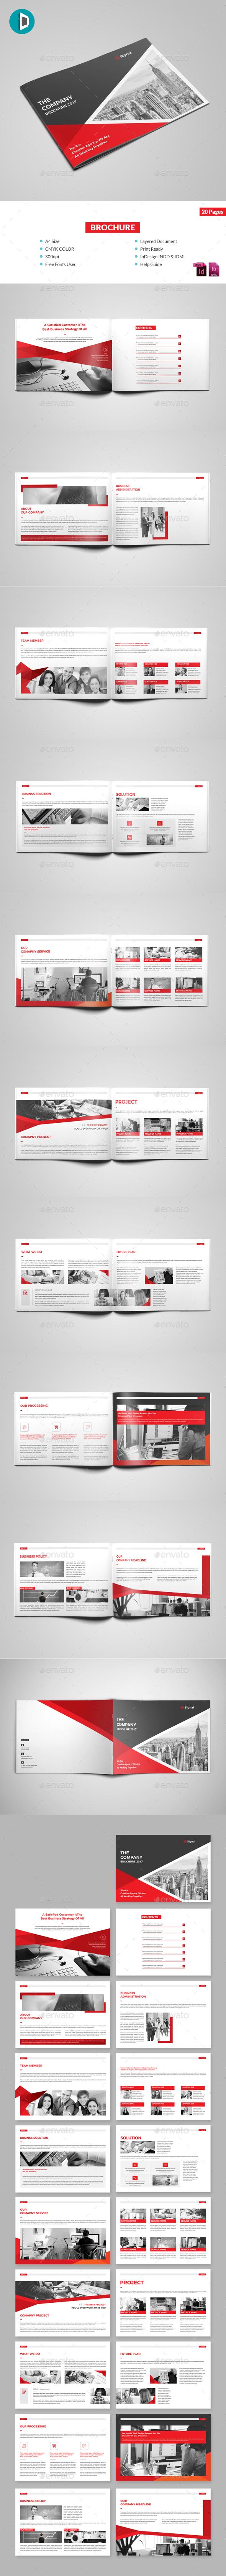 GraphicRiver Brochure 20773725